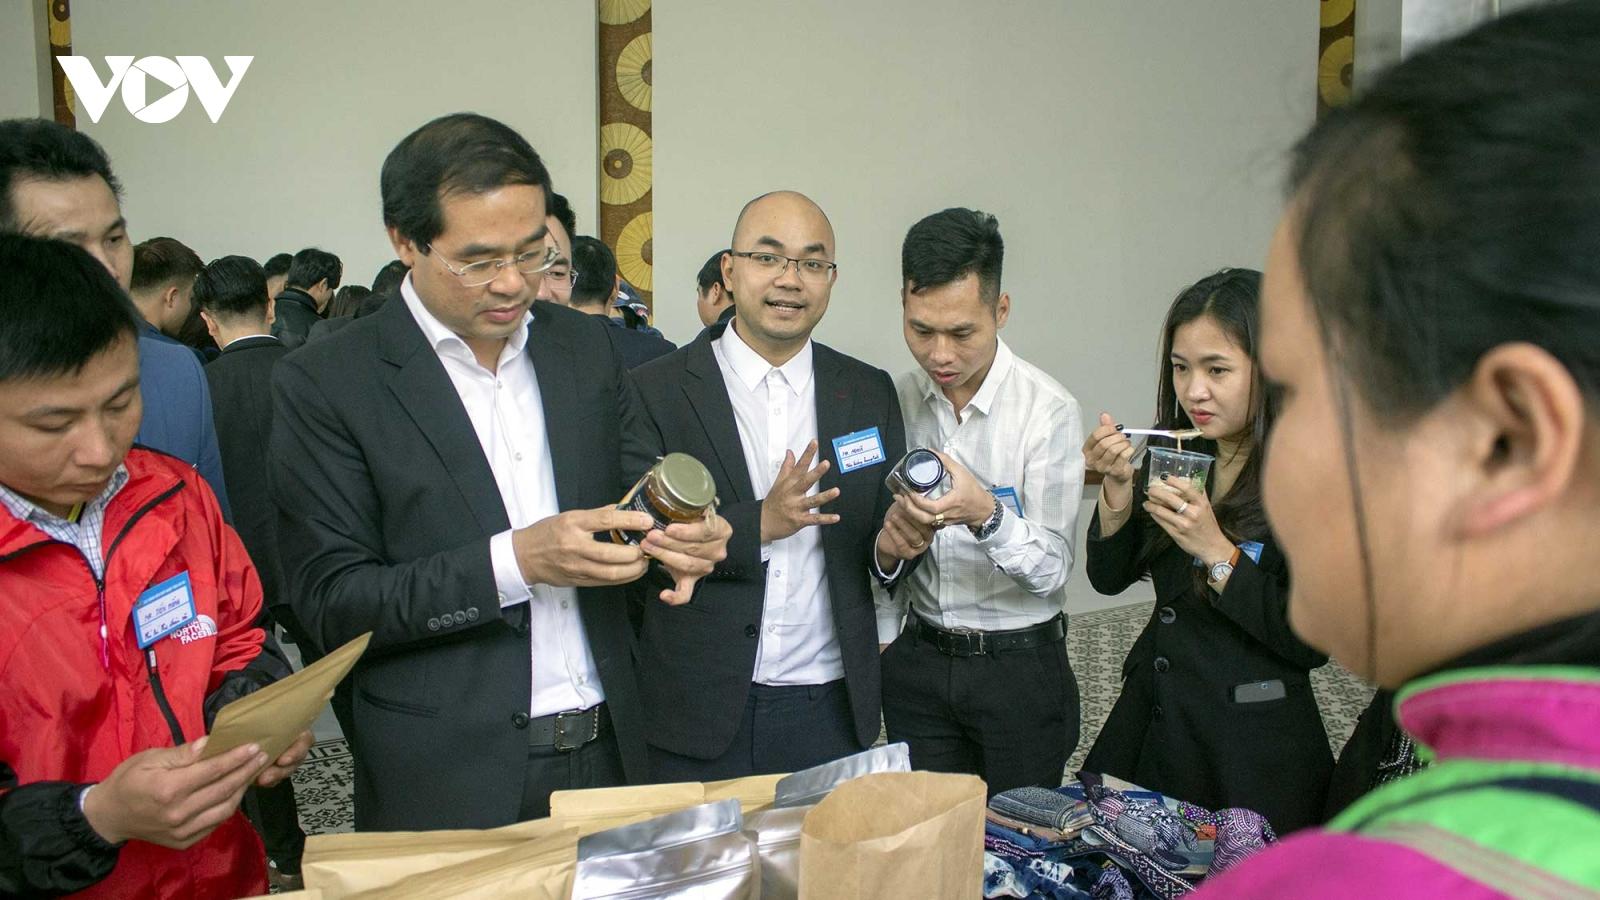 Chủ tịch tỉnh Lào Cai đích thân làm Tổ trưởng hỗ trợ doanh nghiệp